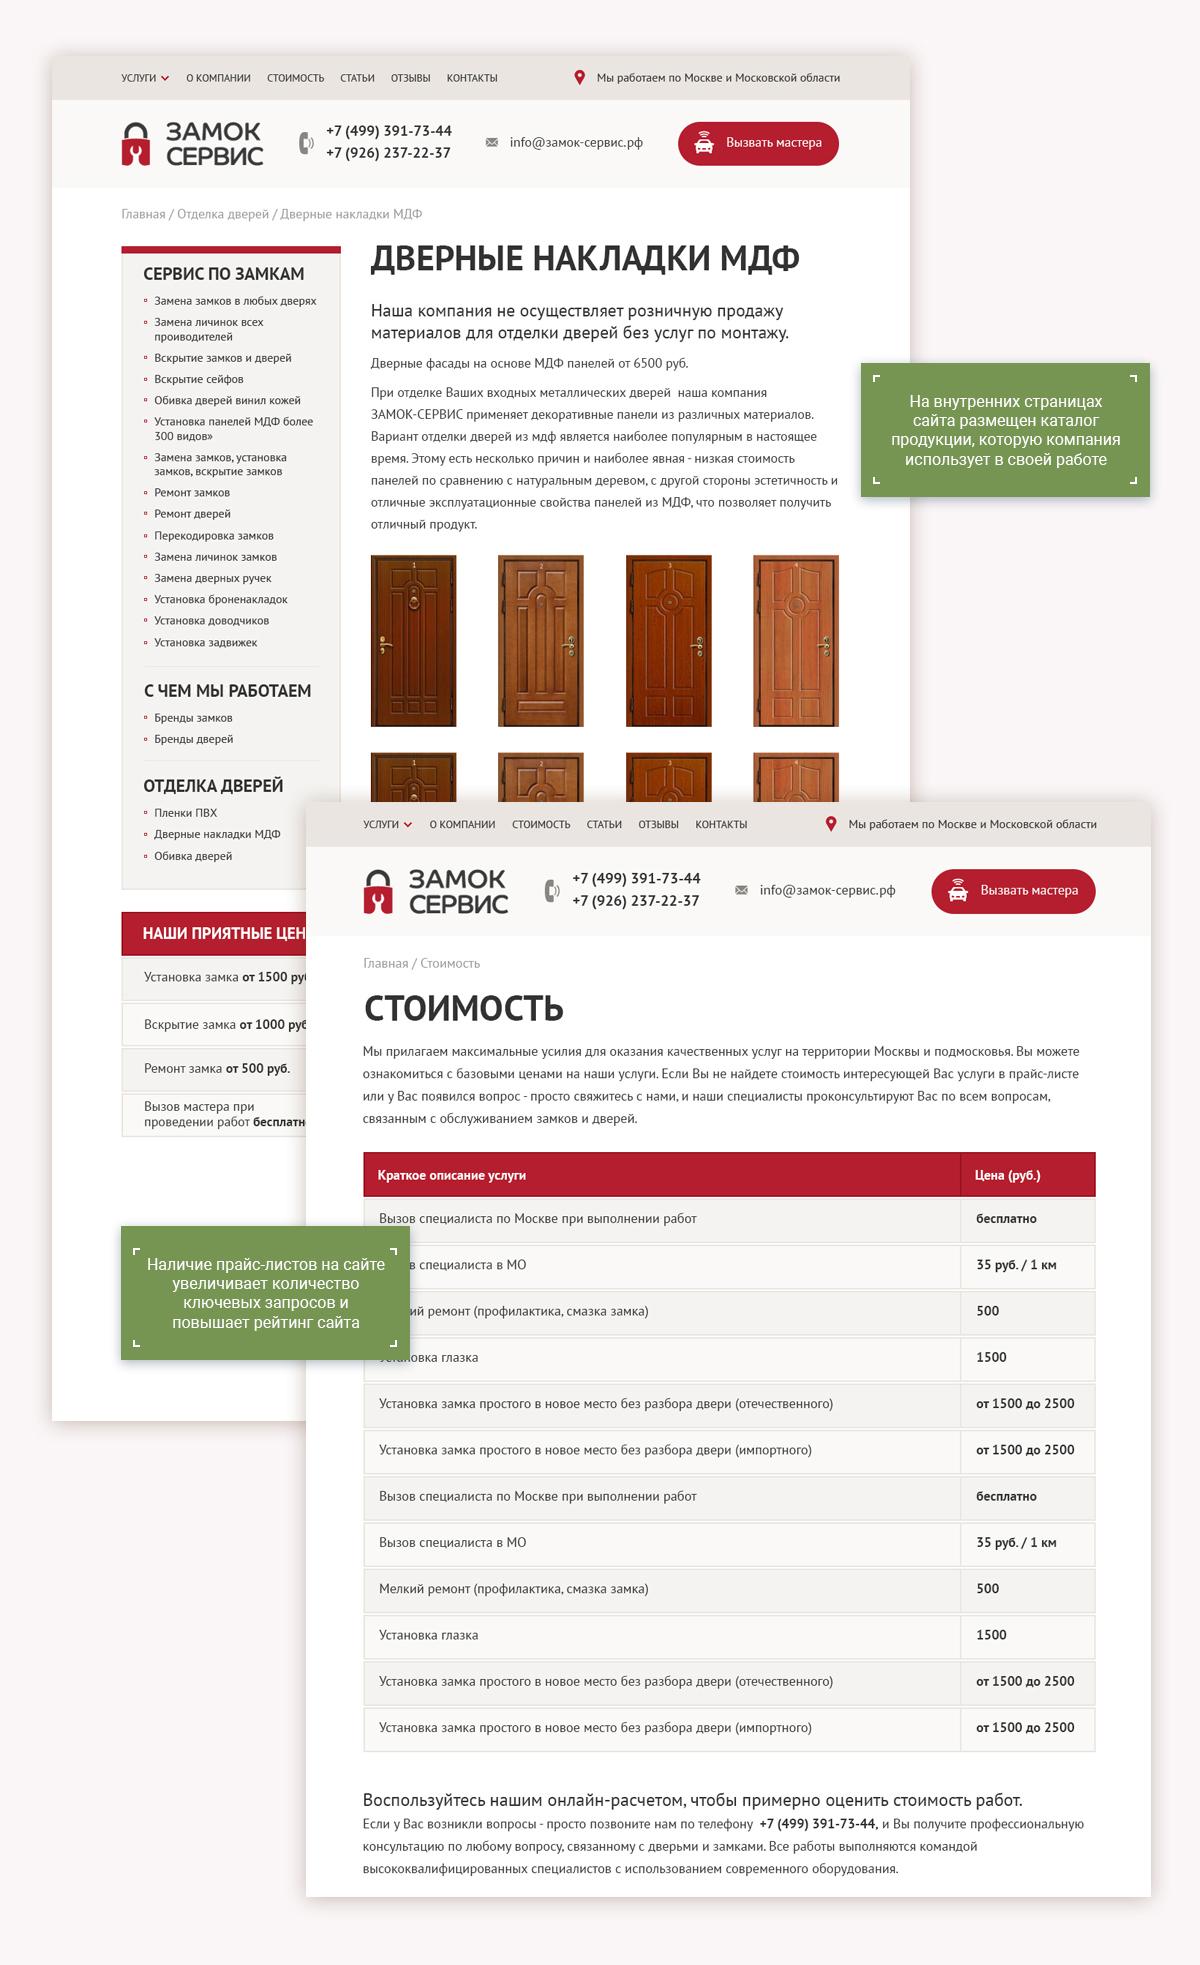 Дизайн внутренних страниц сайта Замок Сервис